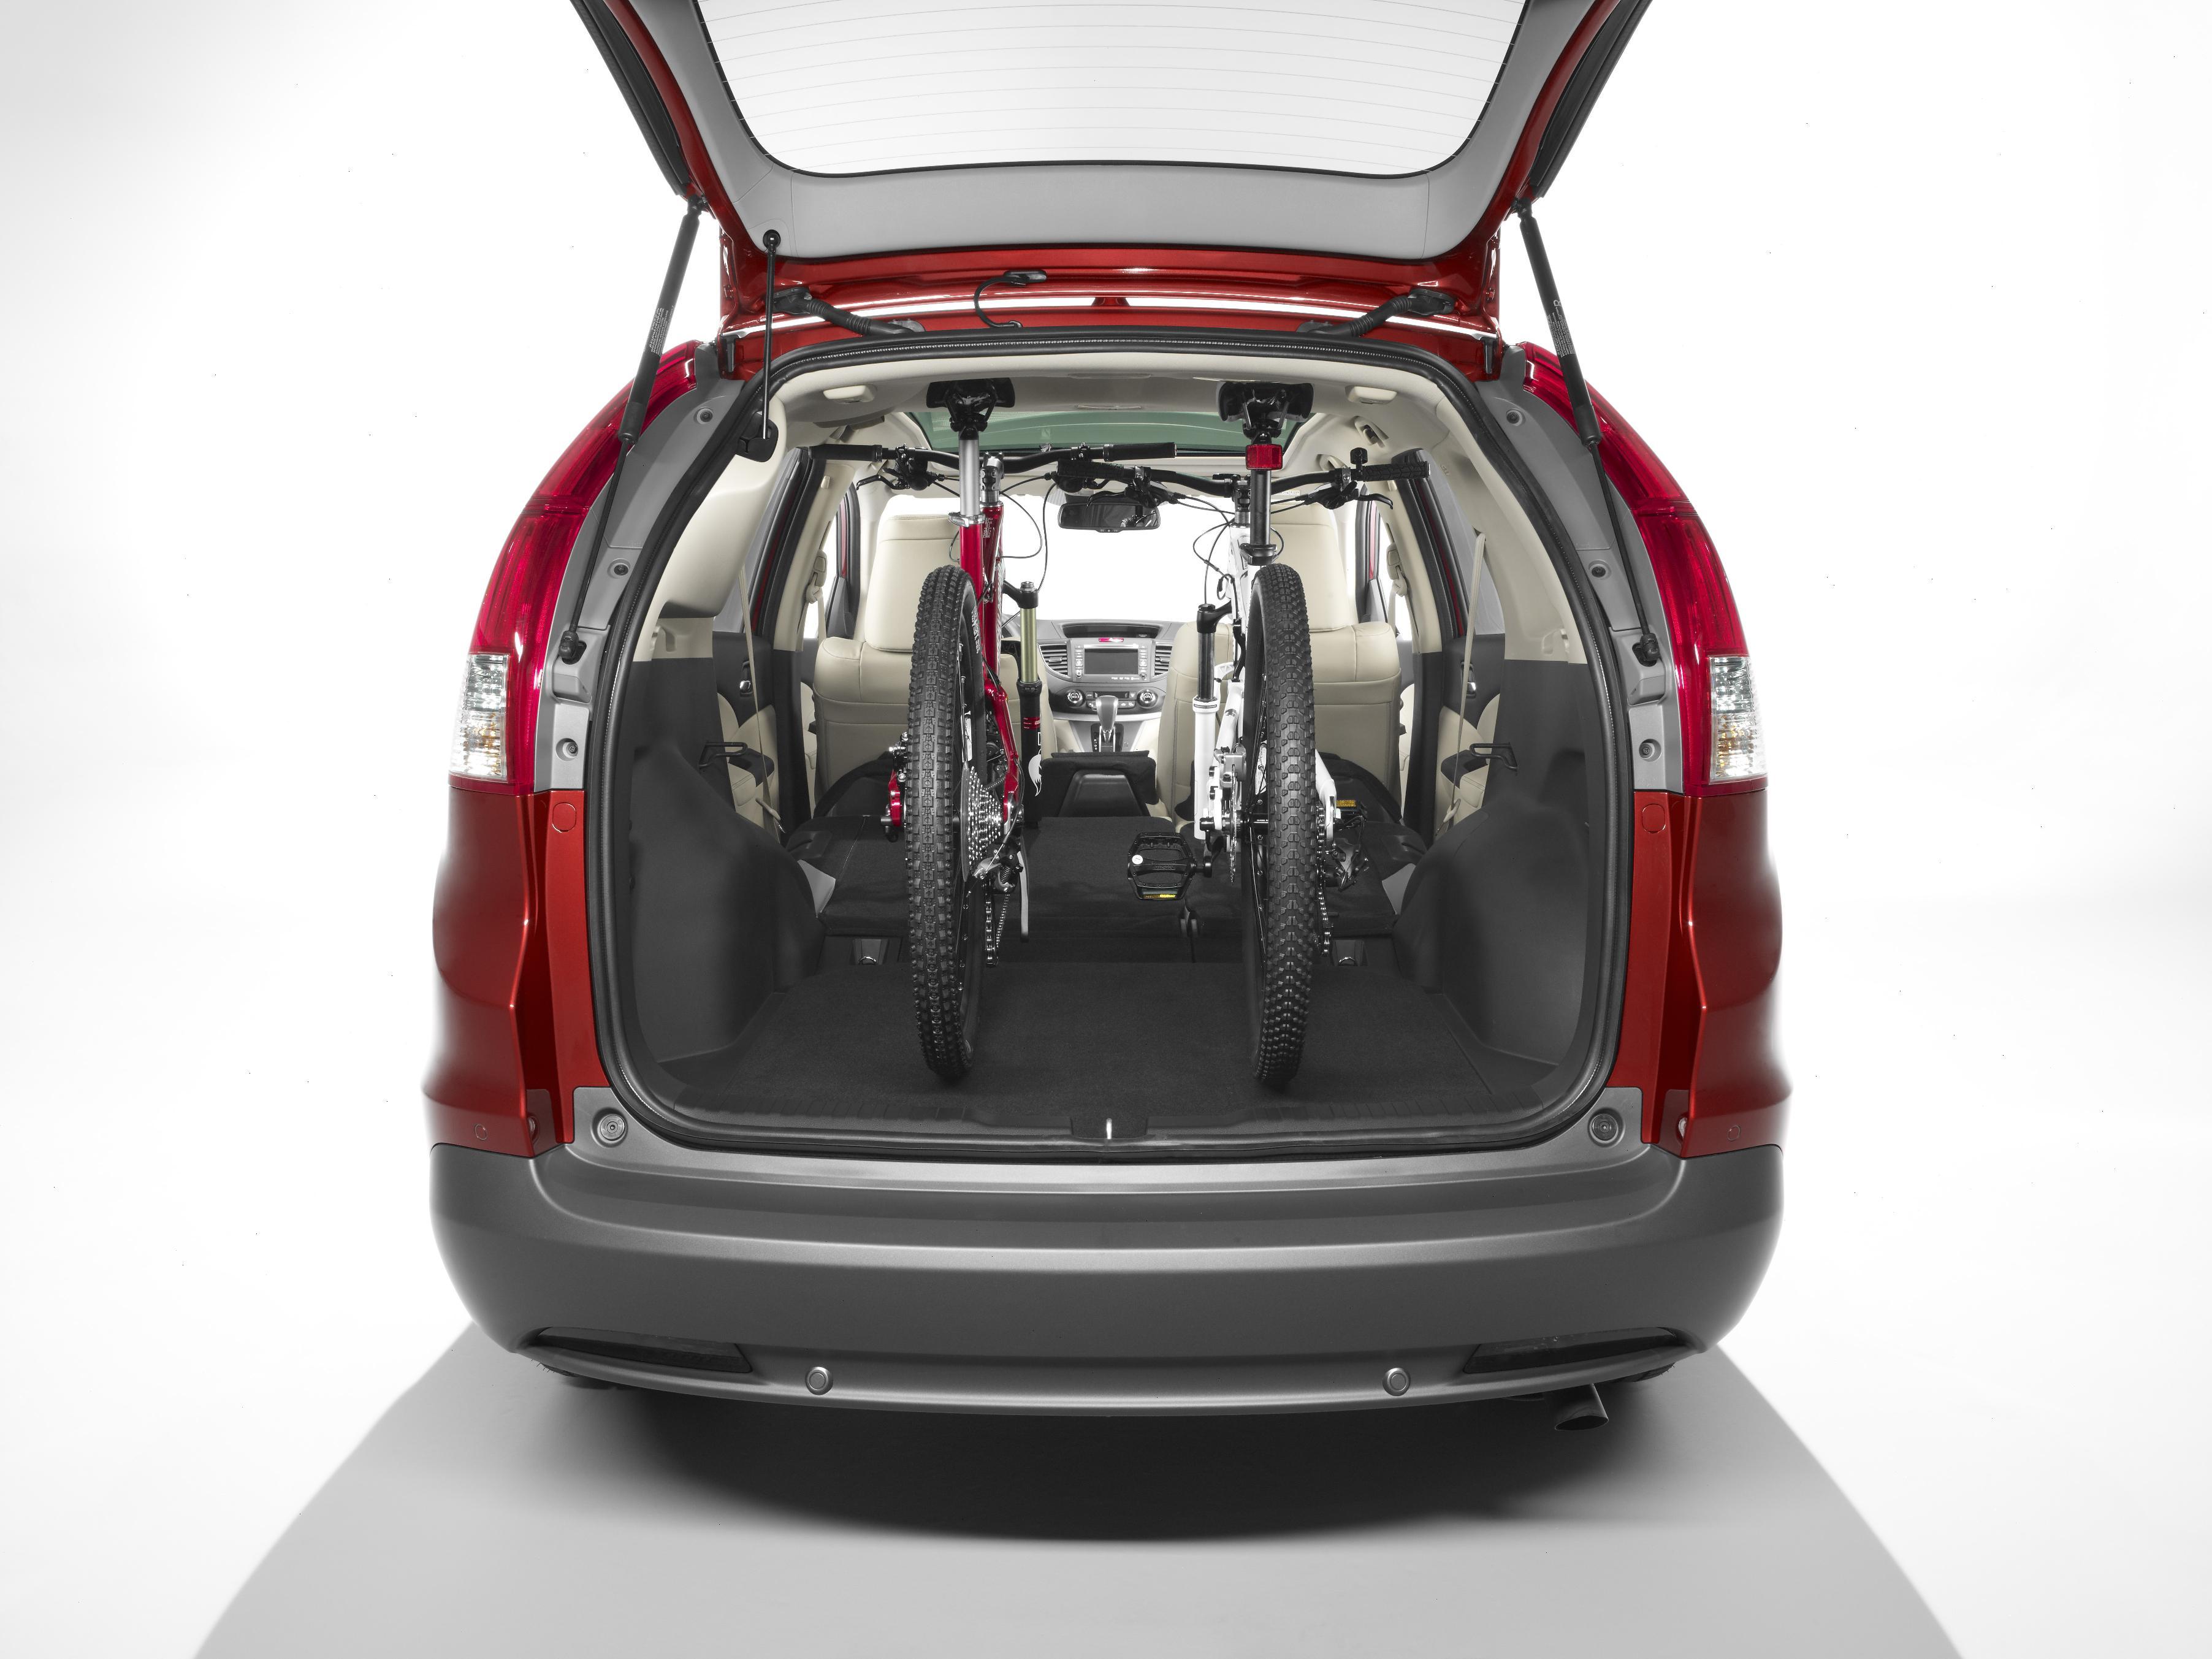 New Honda CRV 22 iDTEC SE  Car Write Ups